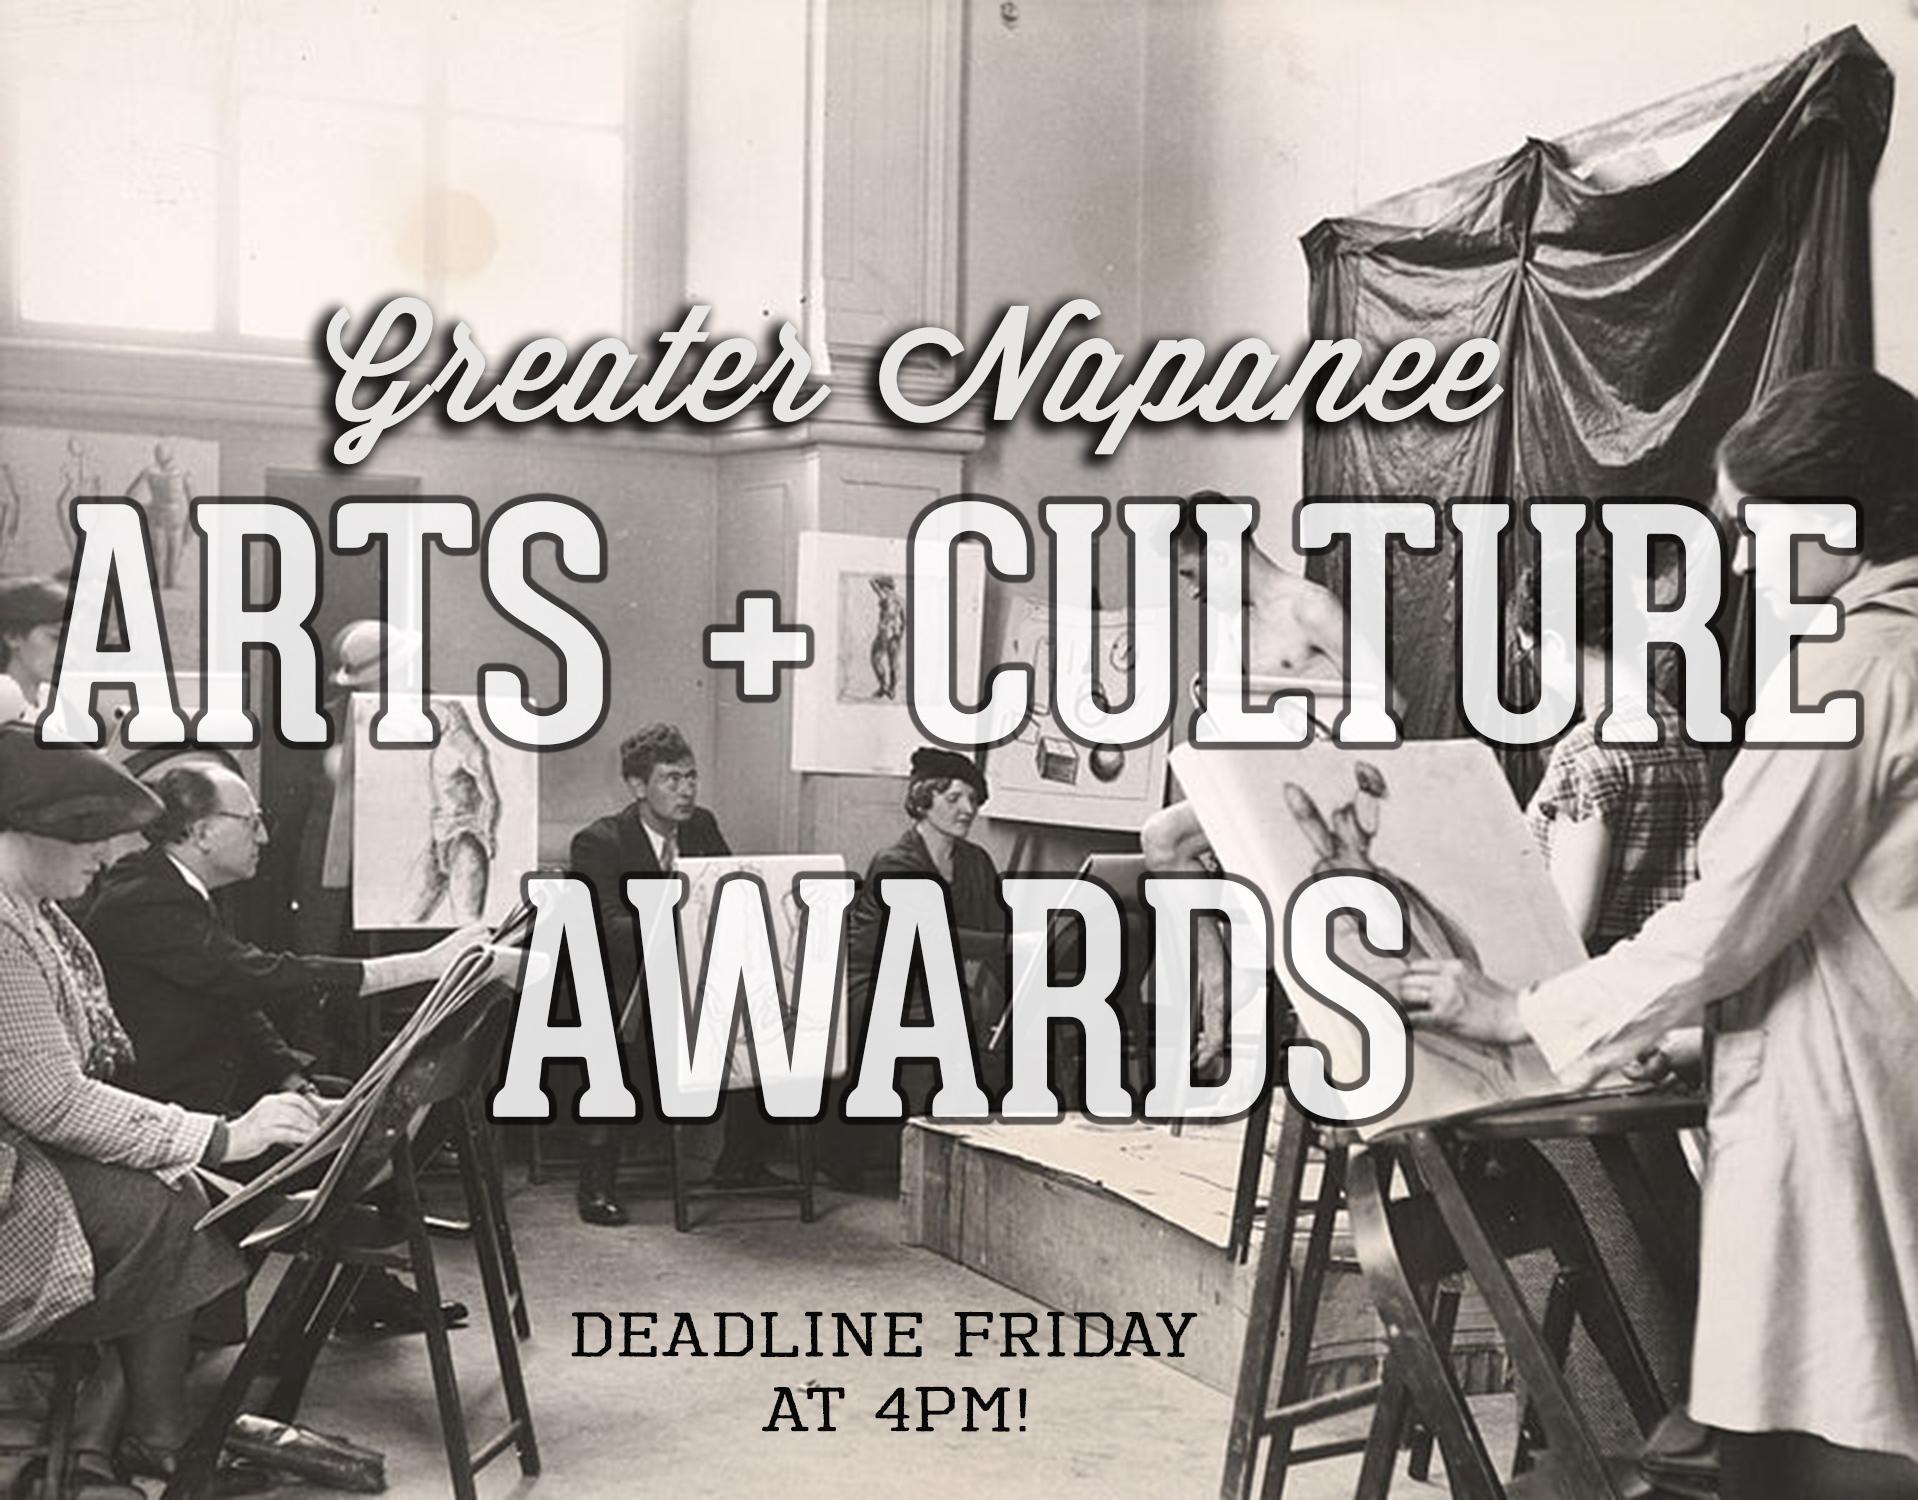 napanee art awards downtown